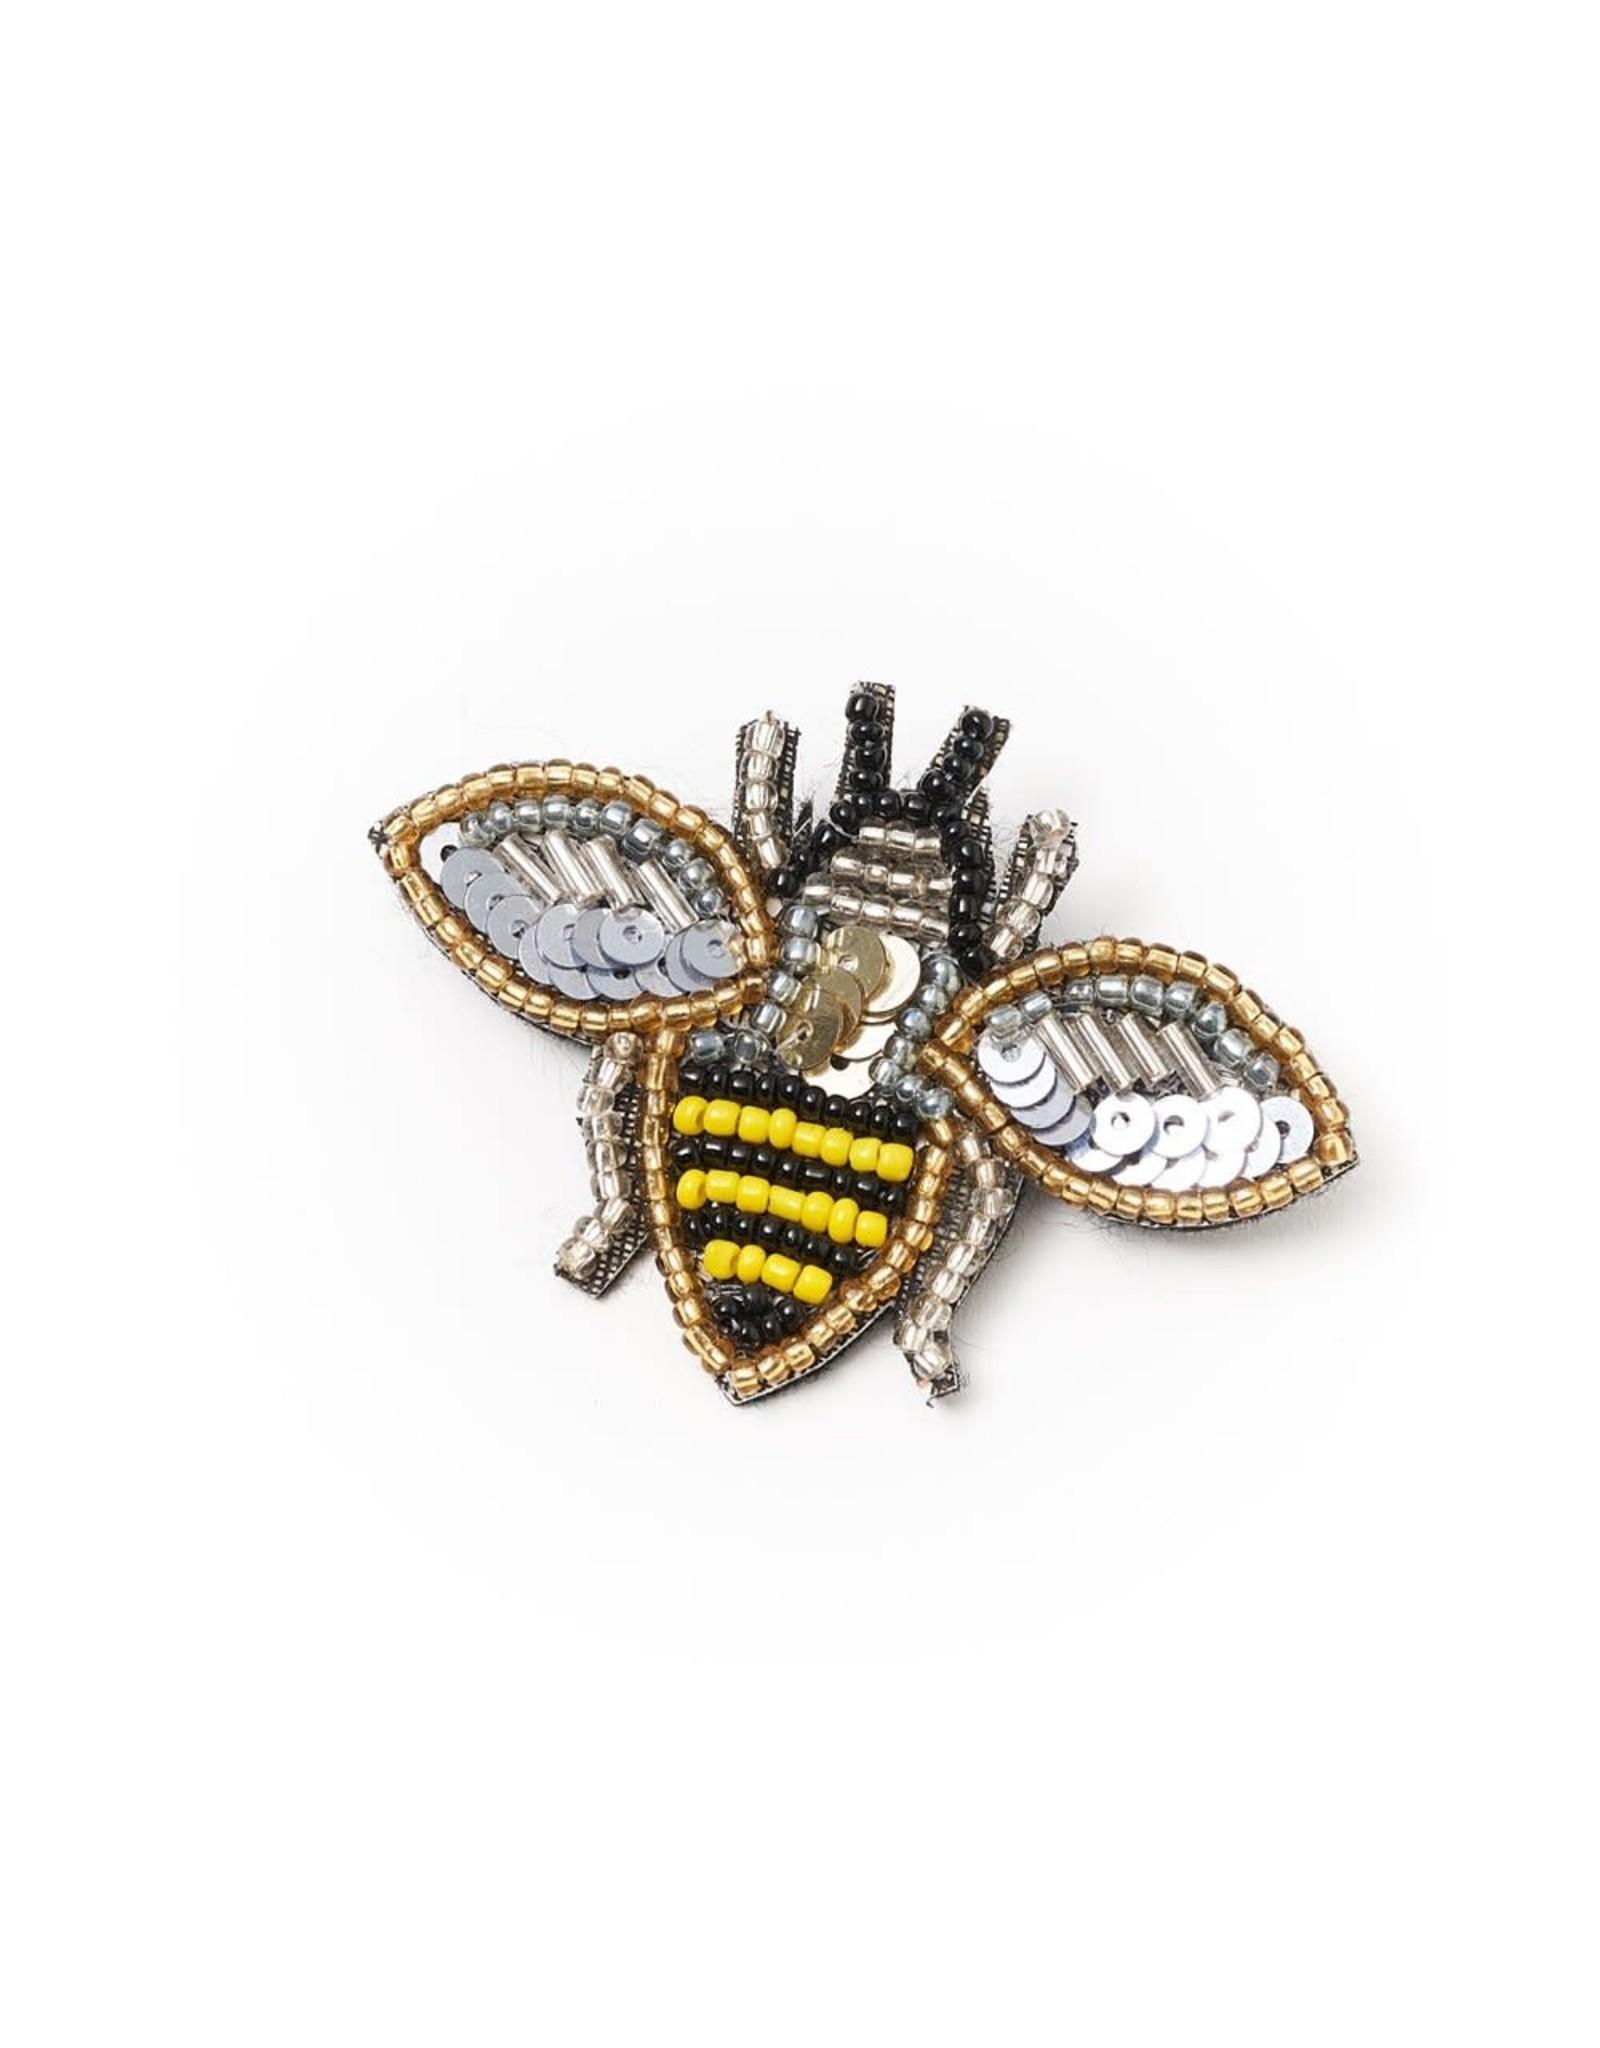 Matr Boomie Bala Mani Bee Brooch, India